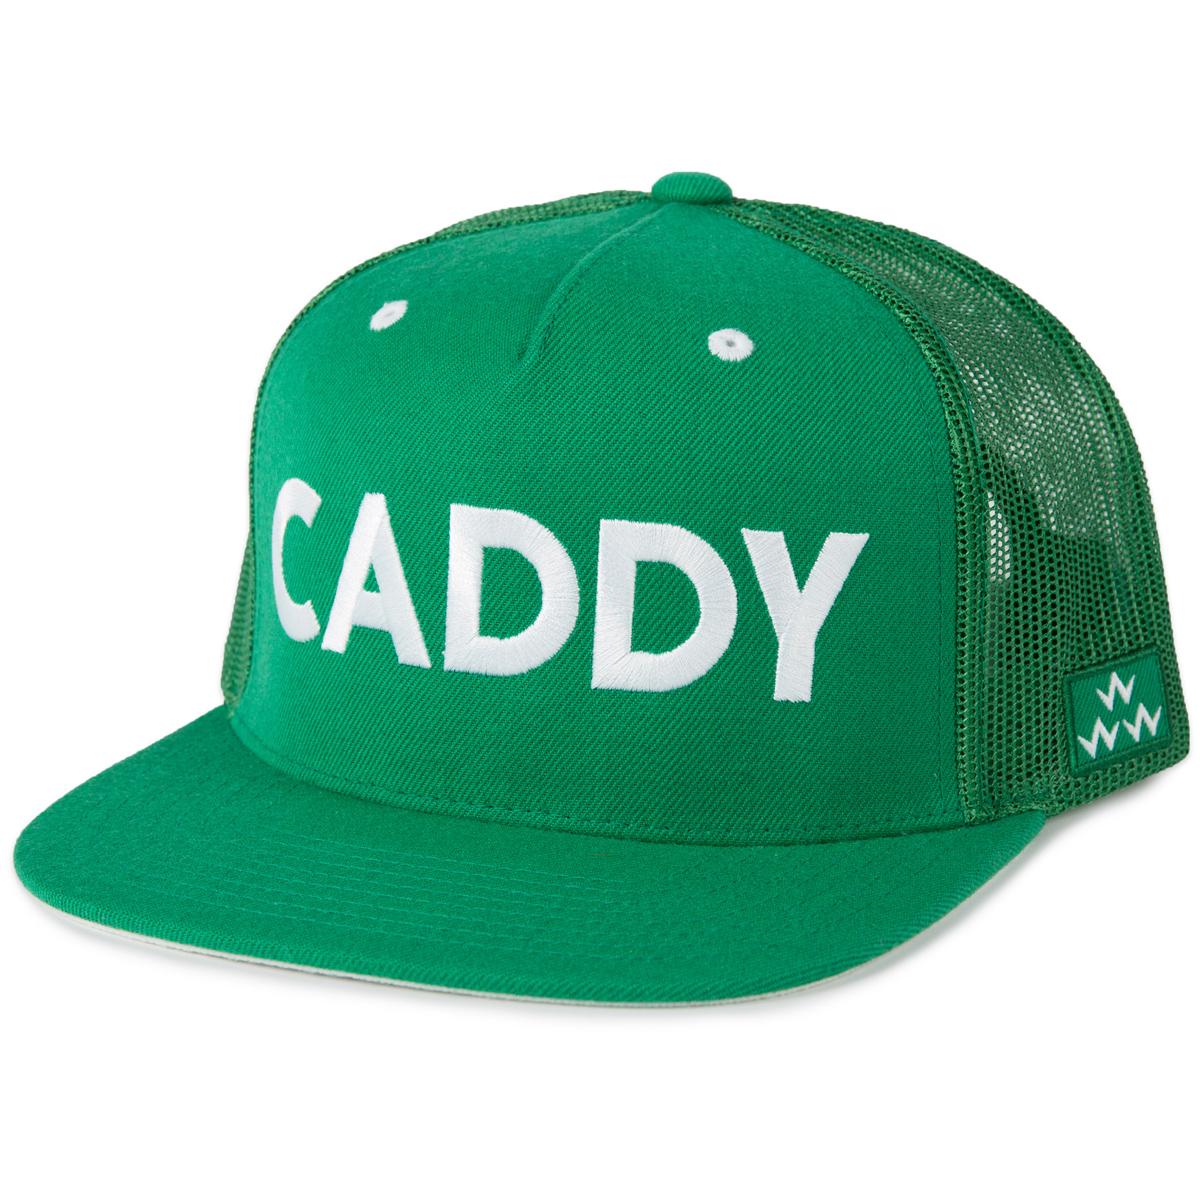 Caddy キャップ